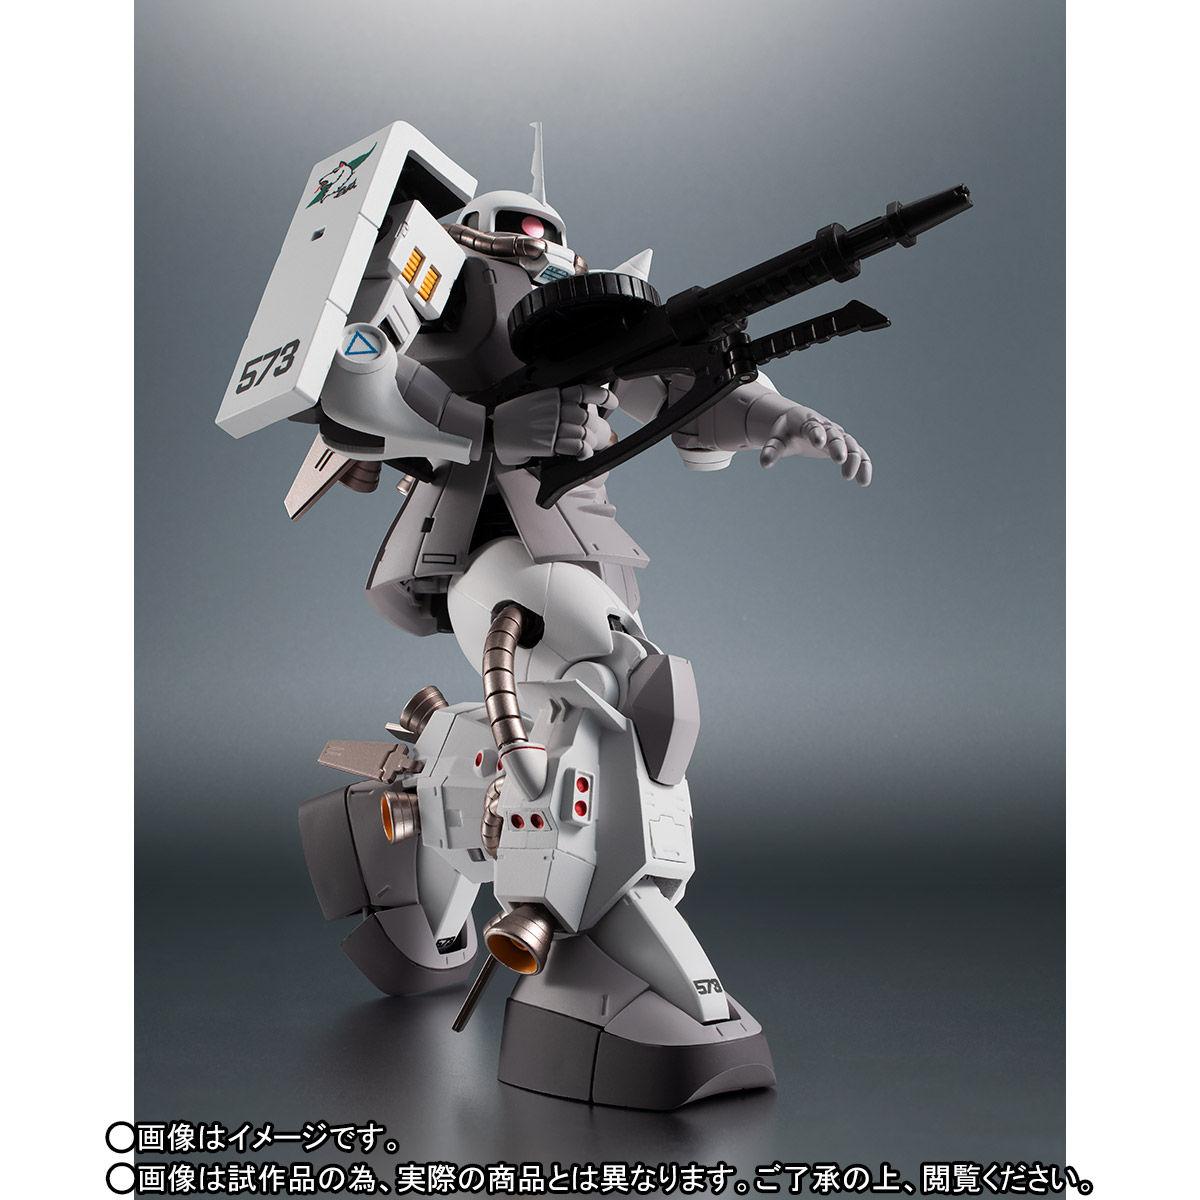 【限定販売】ROBOT魂〈SIDE MS〉『MS-06R-1A シン・マツナガ専用高機動型ザクII ver. A.N.I.M.E.』ダンダムMSV 可動フィギュア-005